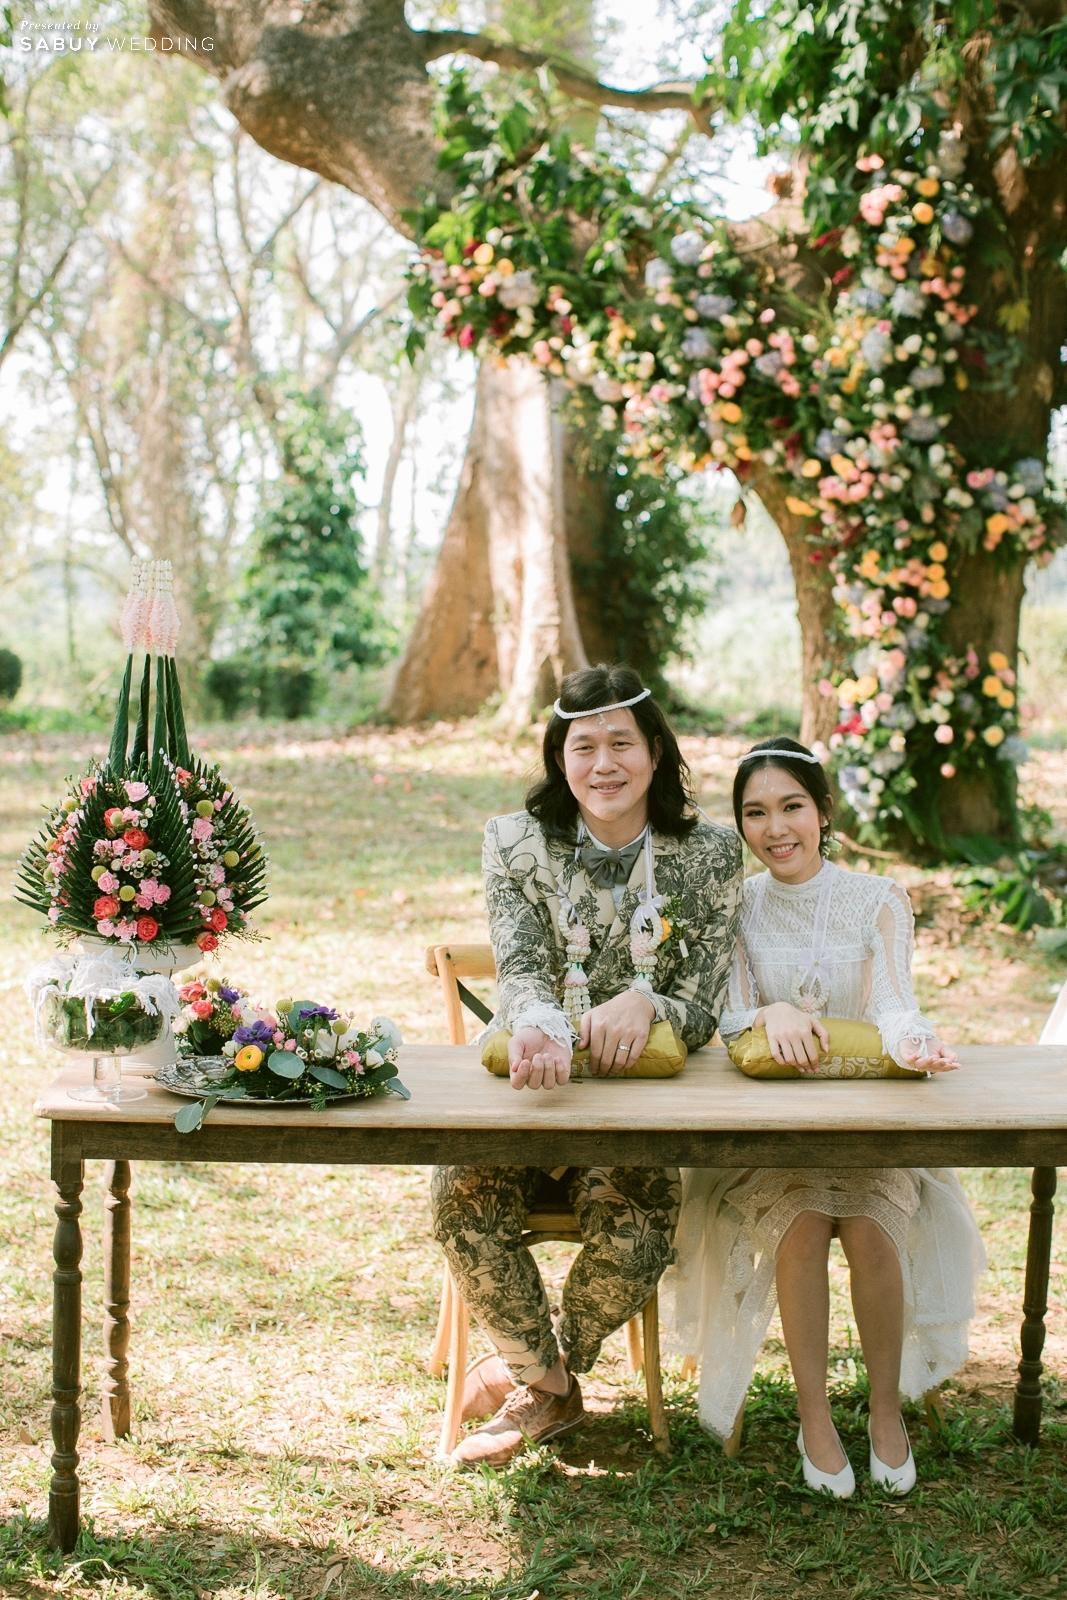 พานขันหมาก,ชุดบ่าวสาว,สถานที่จัดงานแต่งงาน,พวงมาลัยคล้องคอ รีวิวงานแต่ง Outdoor บรรยากาศอบอุ่น ดีไซน์คุมธีมธรรมชาติ @ Lampang River Lodge